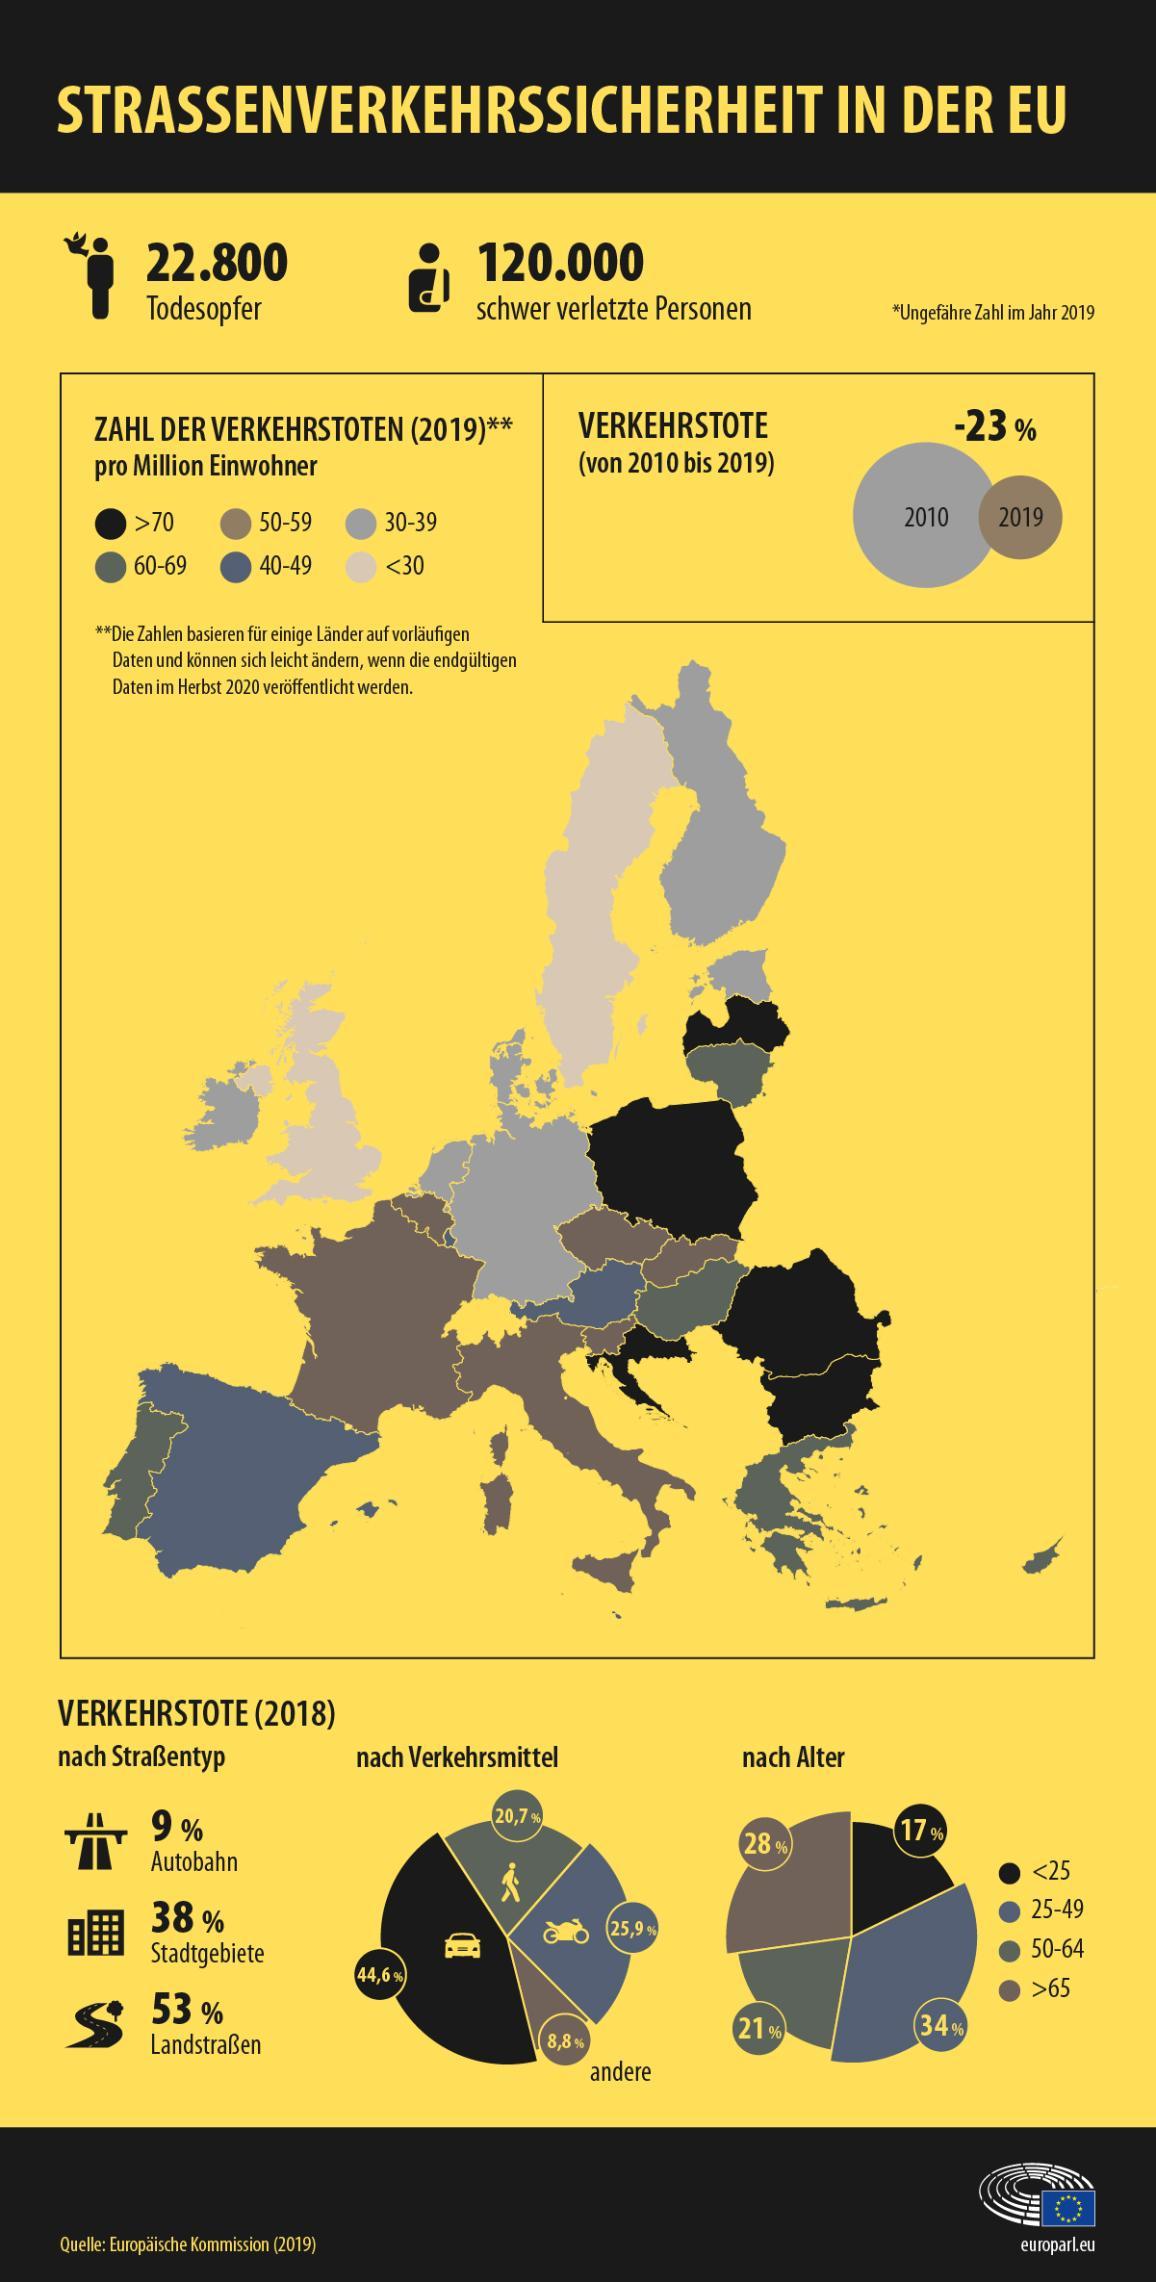 Die Infografik liefert Statistiken zur Zahl der Verkehrstoten in der EU im Jahr 2019